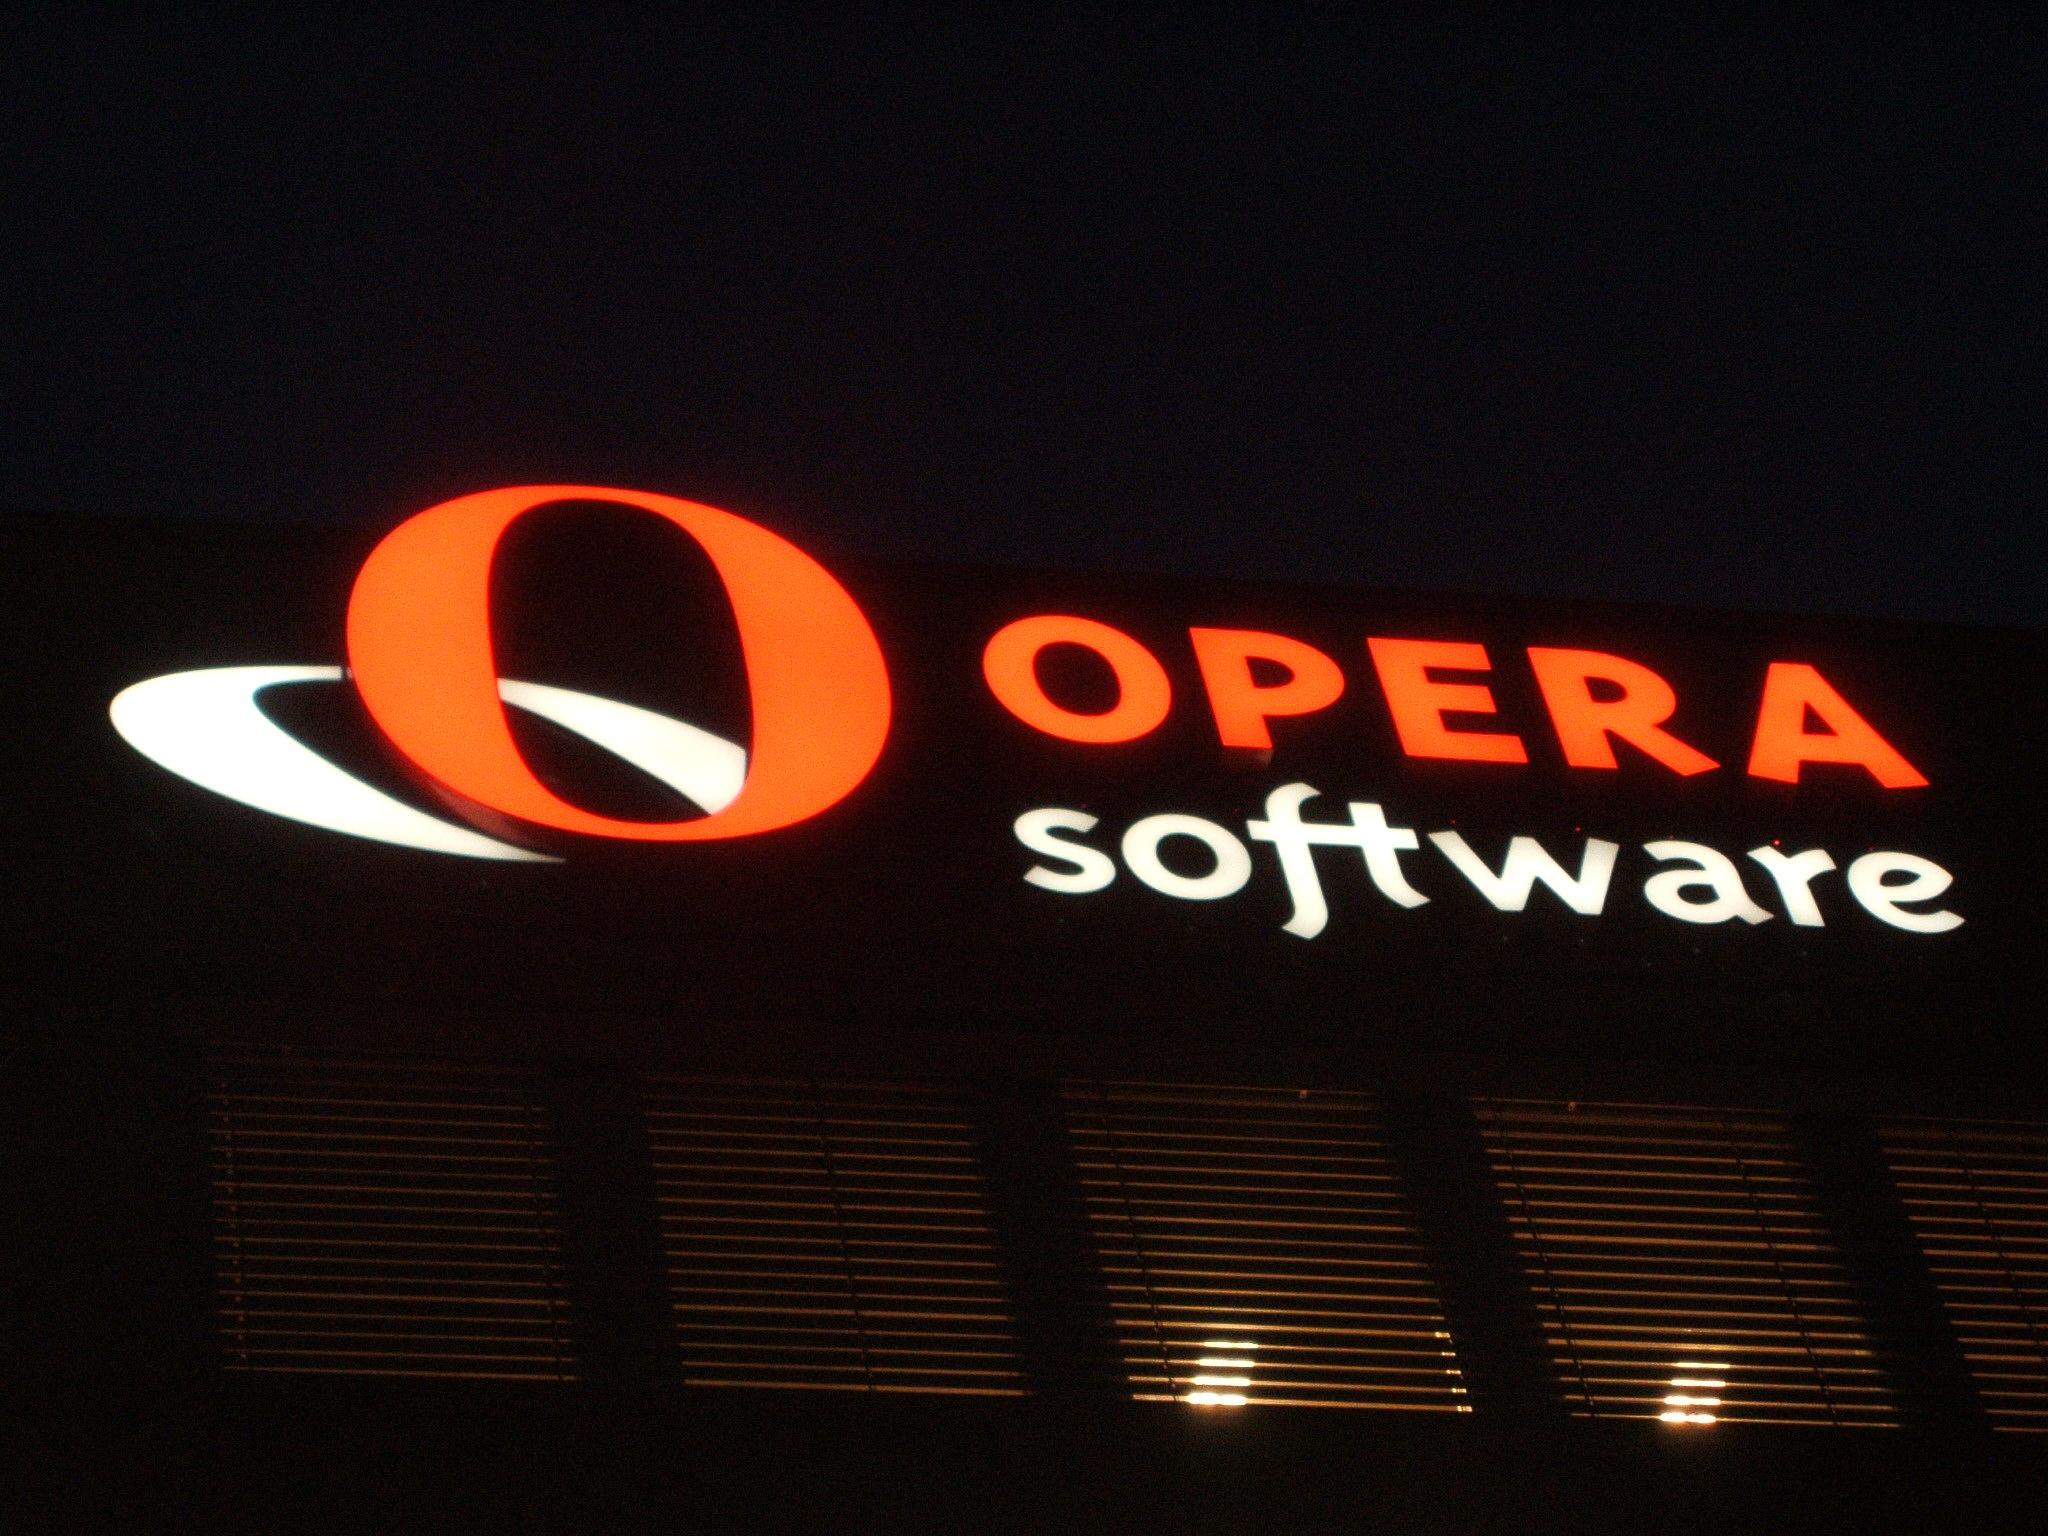 Handel i Opera Software aksjer ble stoppet på fredag.